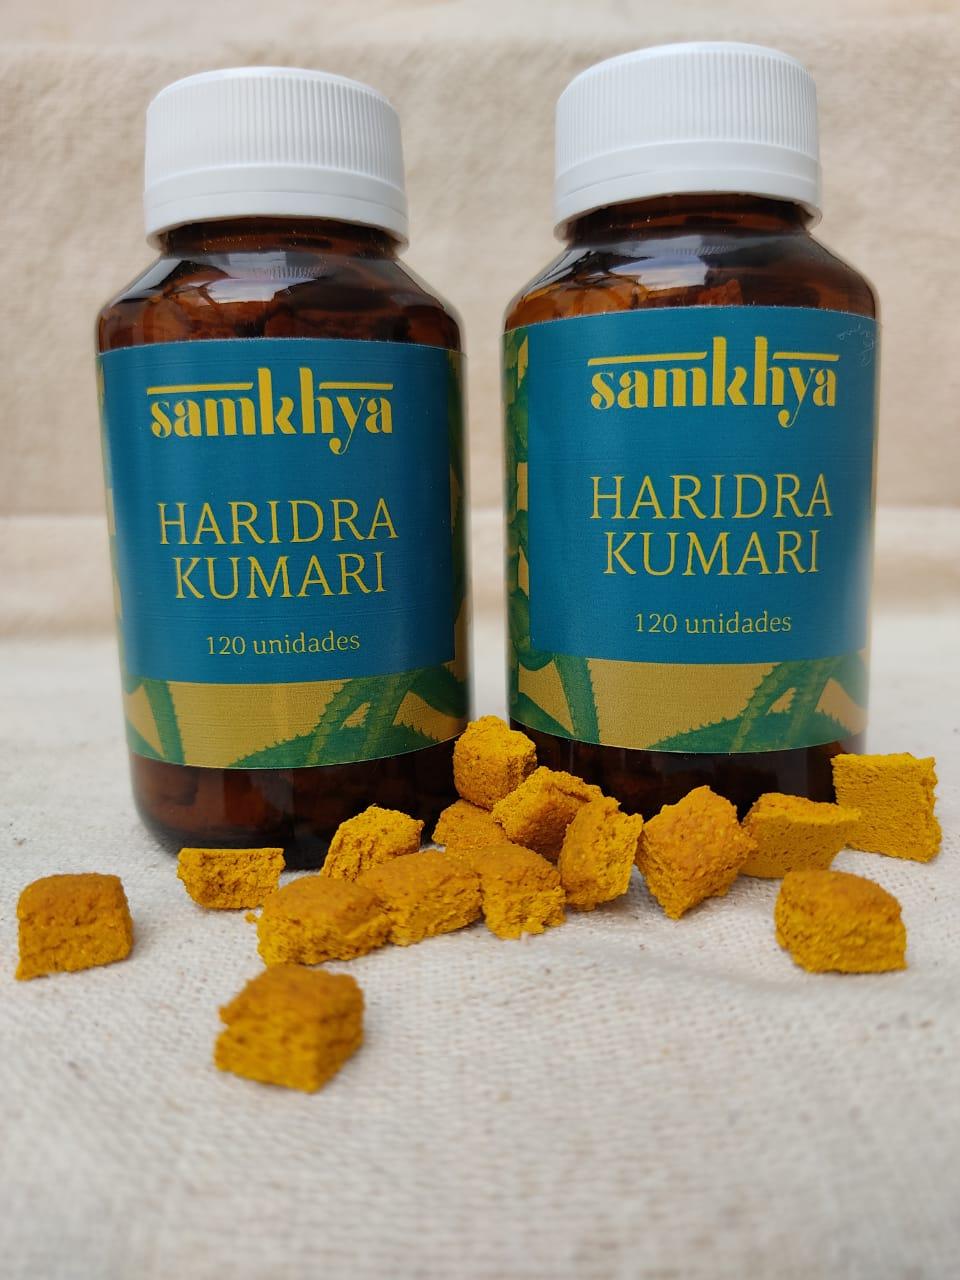 KIT com 2 frascos de Haridra Kumari